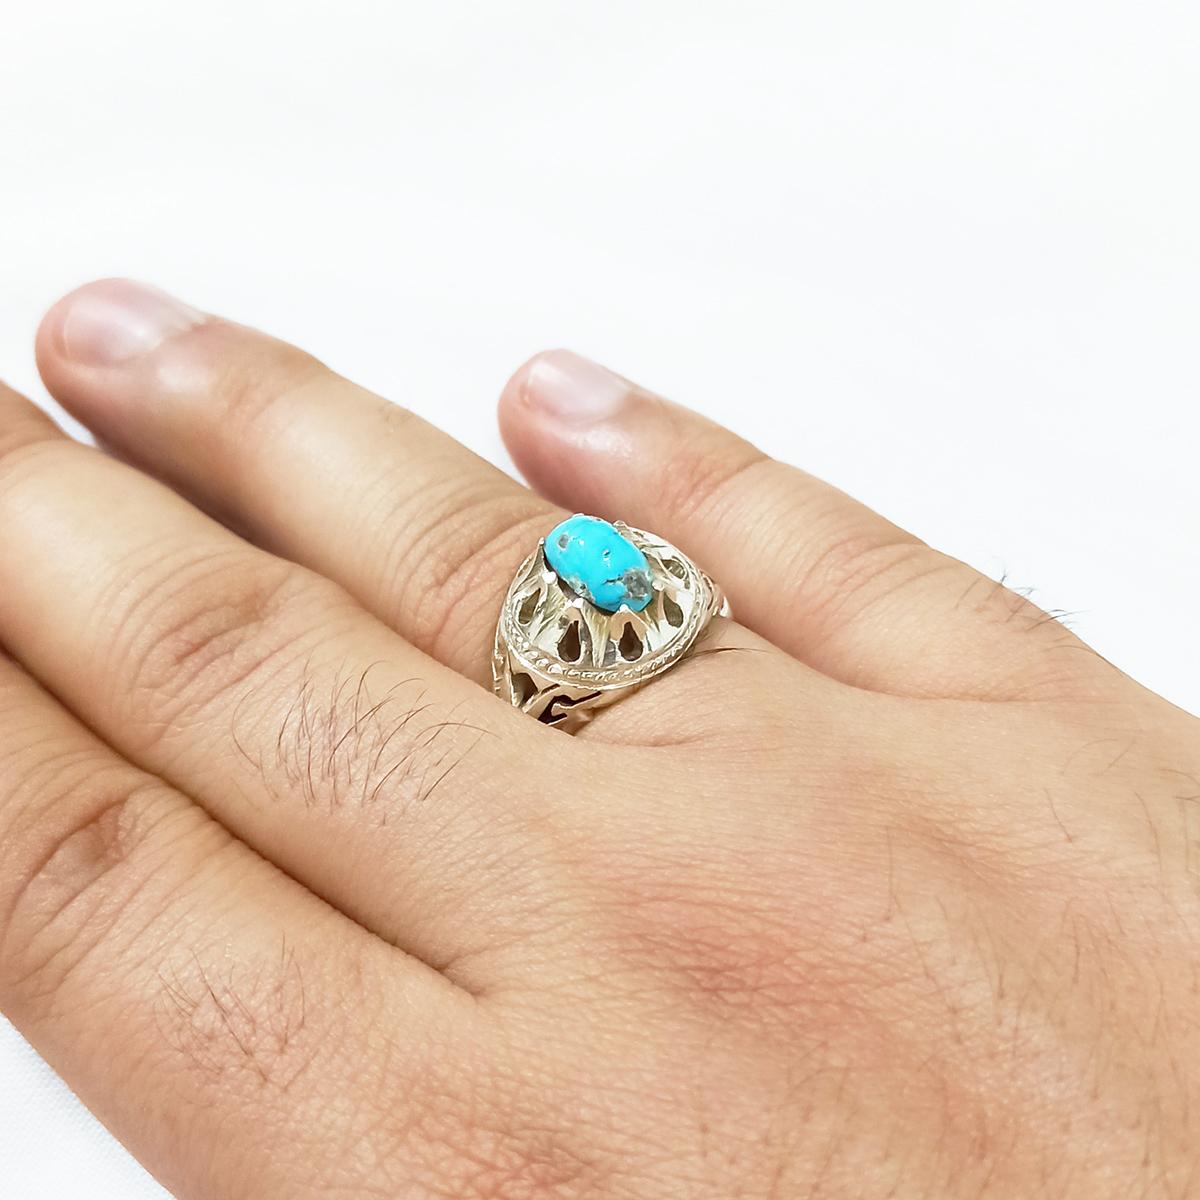 انگشتر نقره مردانه سلین کالا کد ce-As153